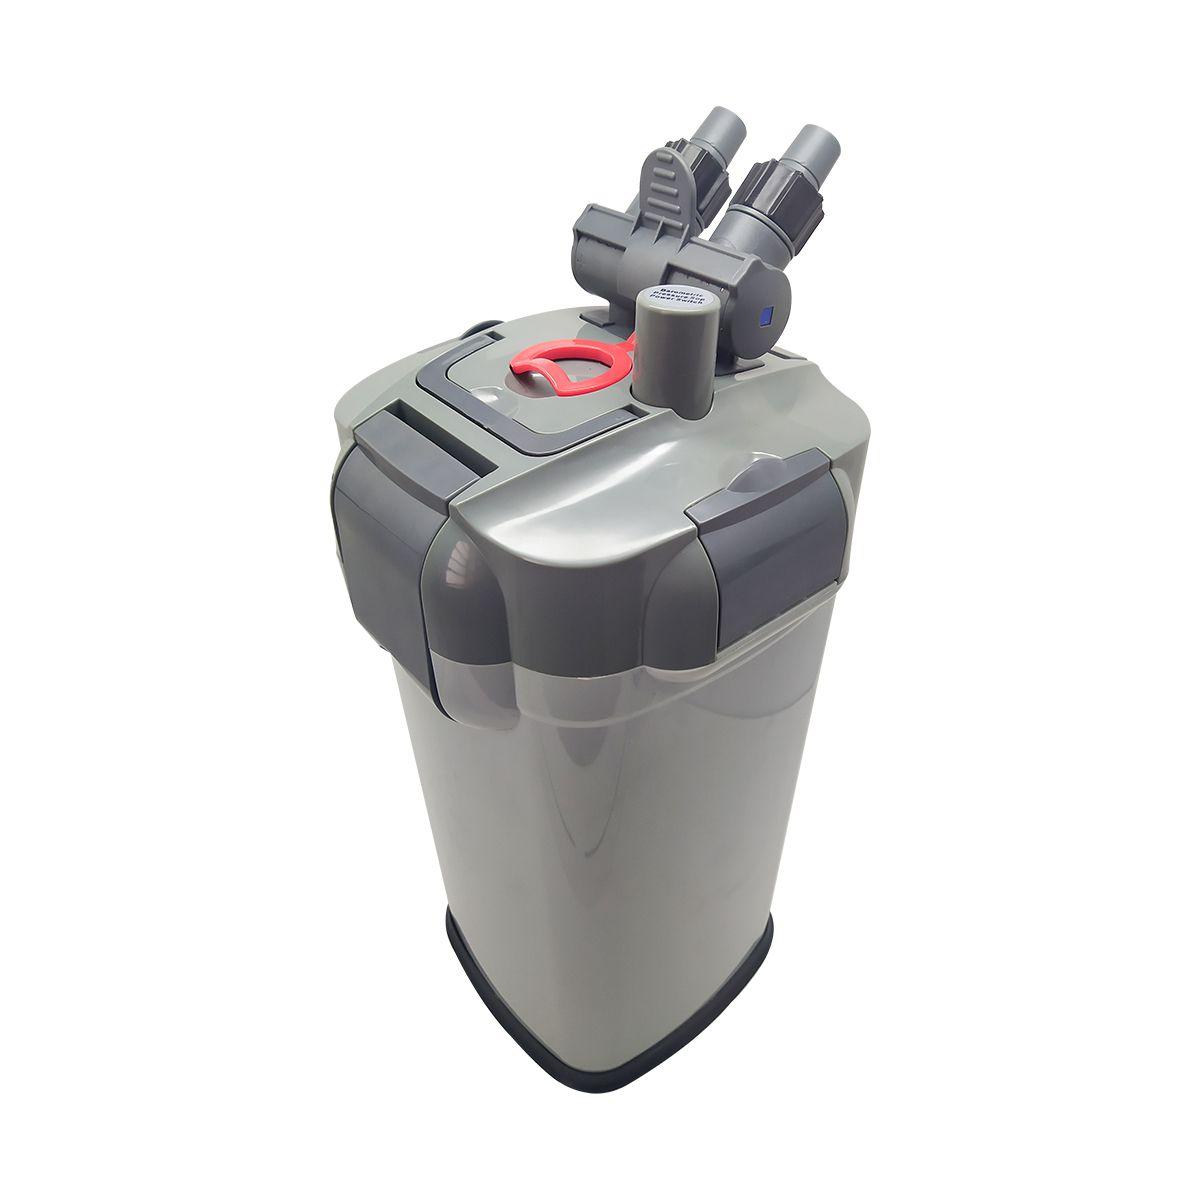 Filtro Canister Hopar Kf-2218 1200 L/h 3 Cestos 220v +brinde